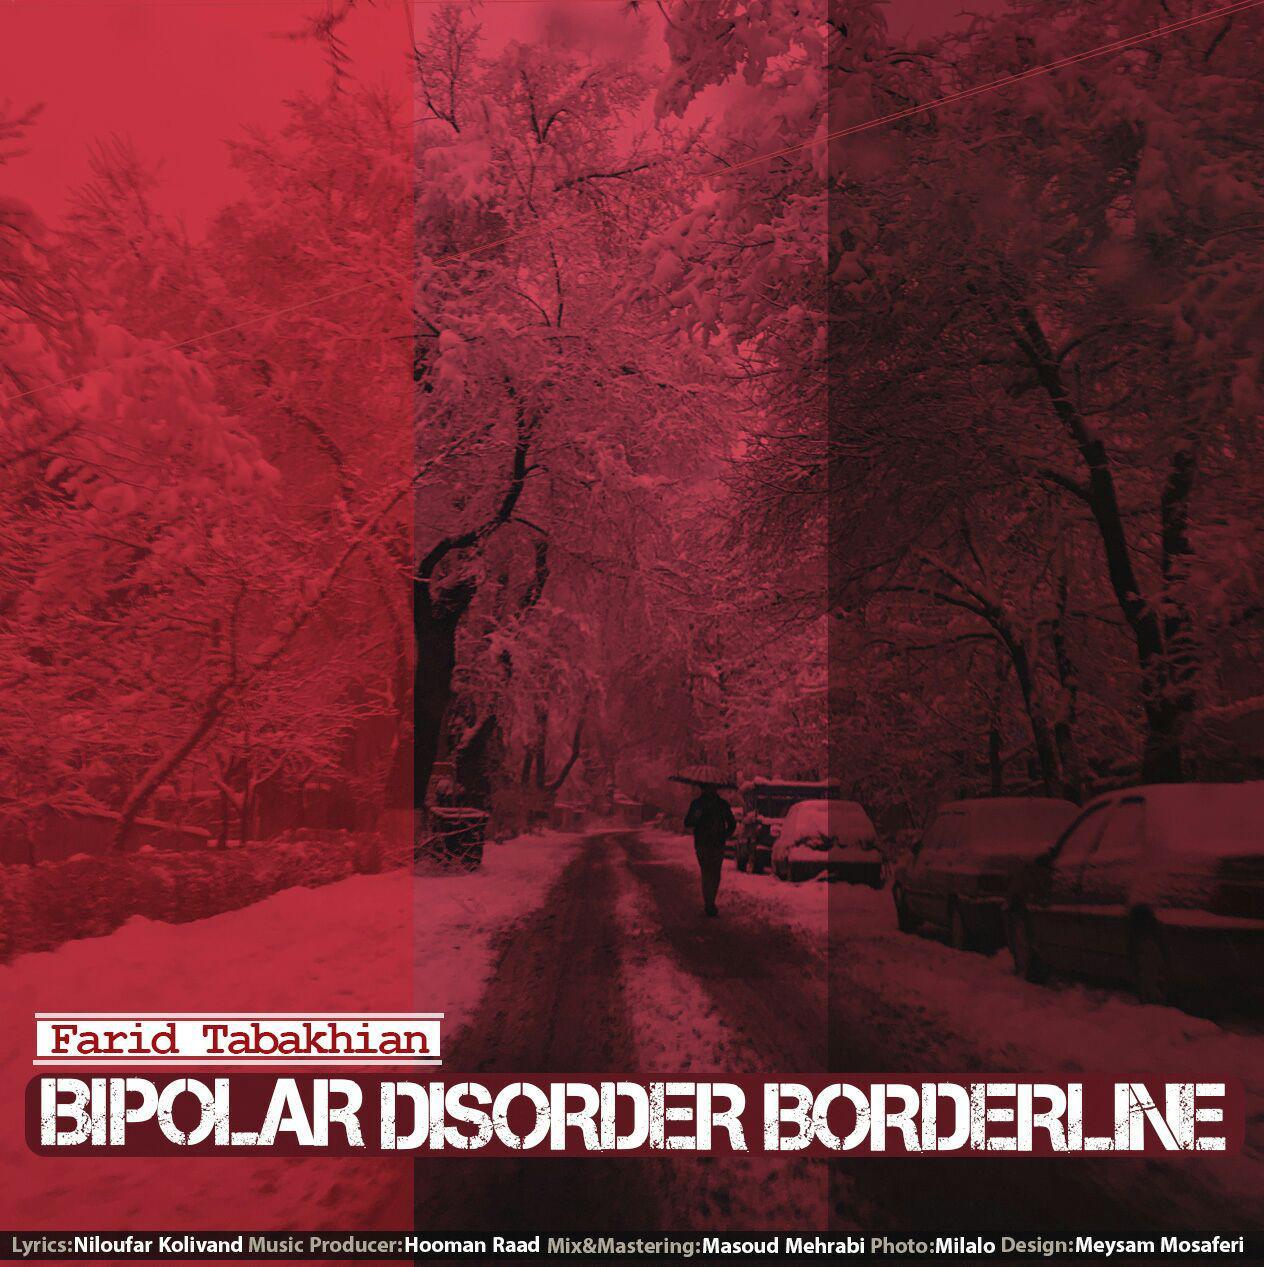 Farid Tabakhian – Bipolar Disorder Borderline